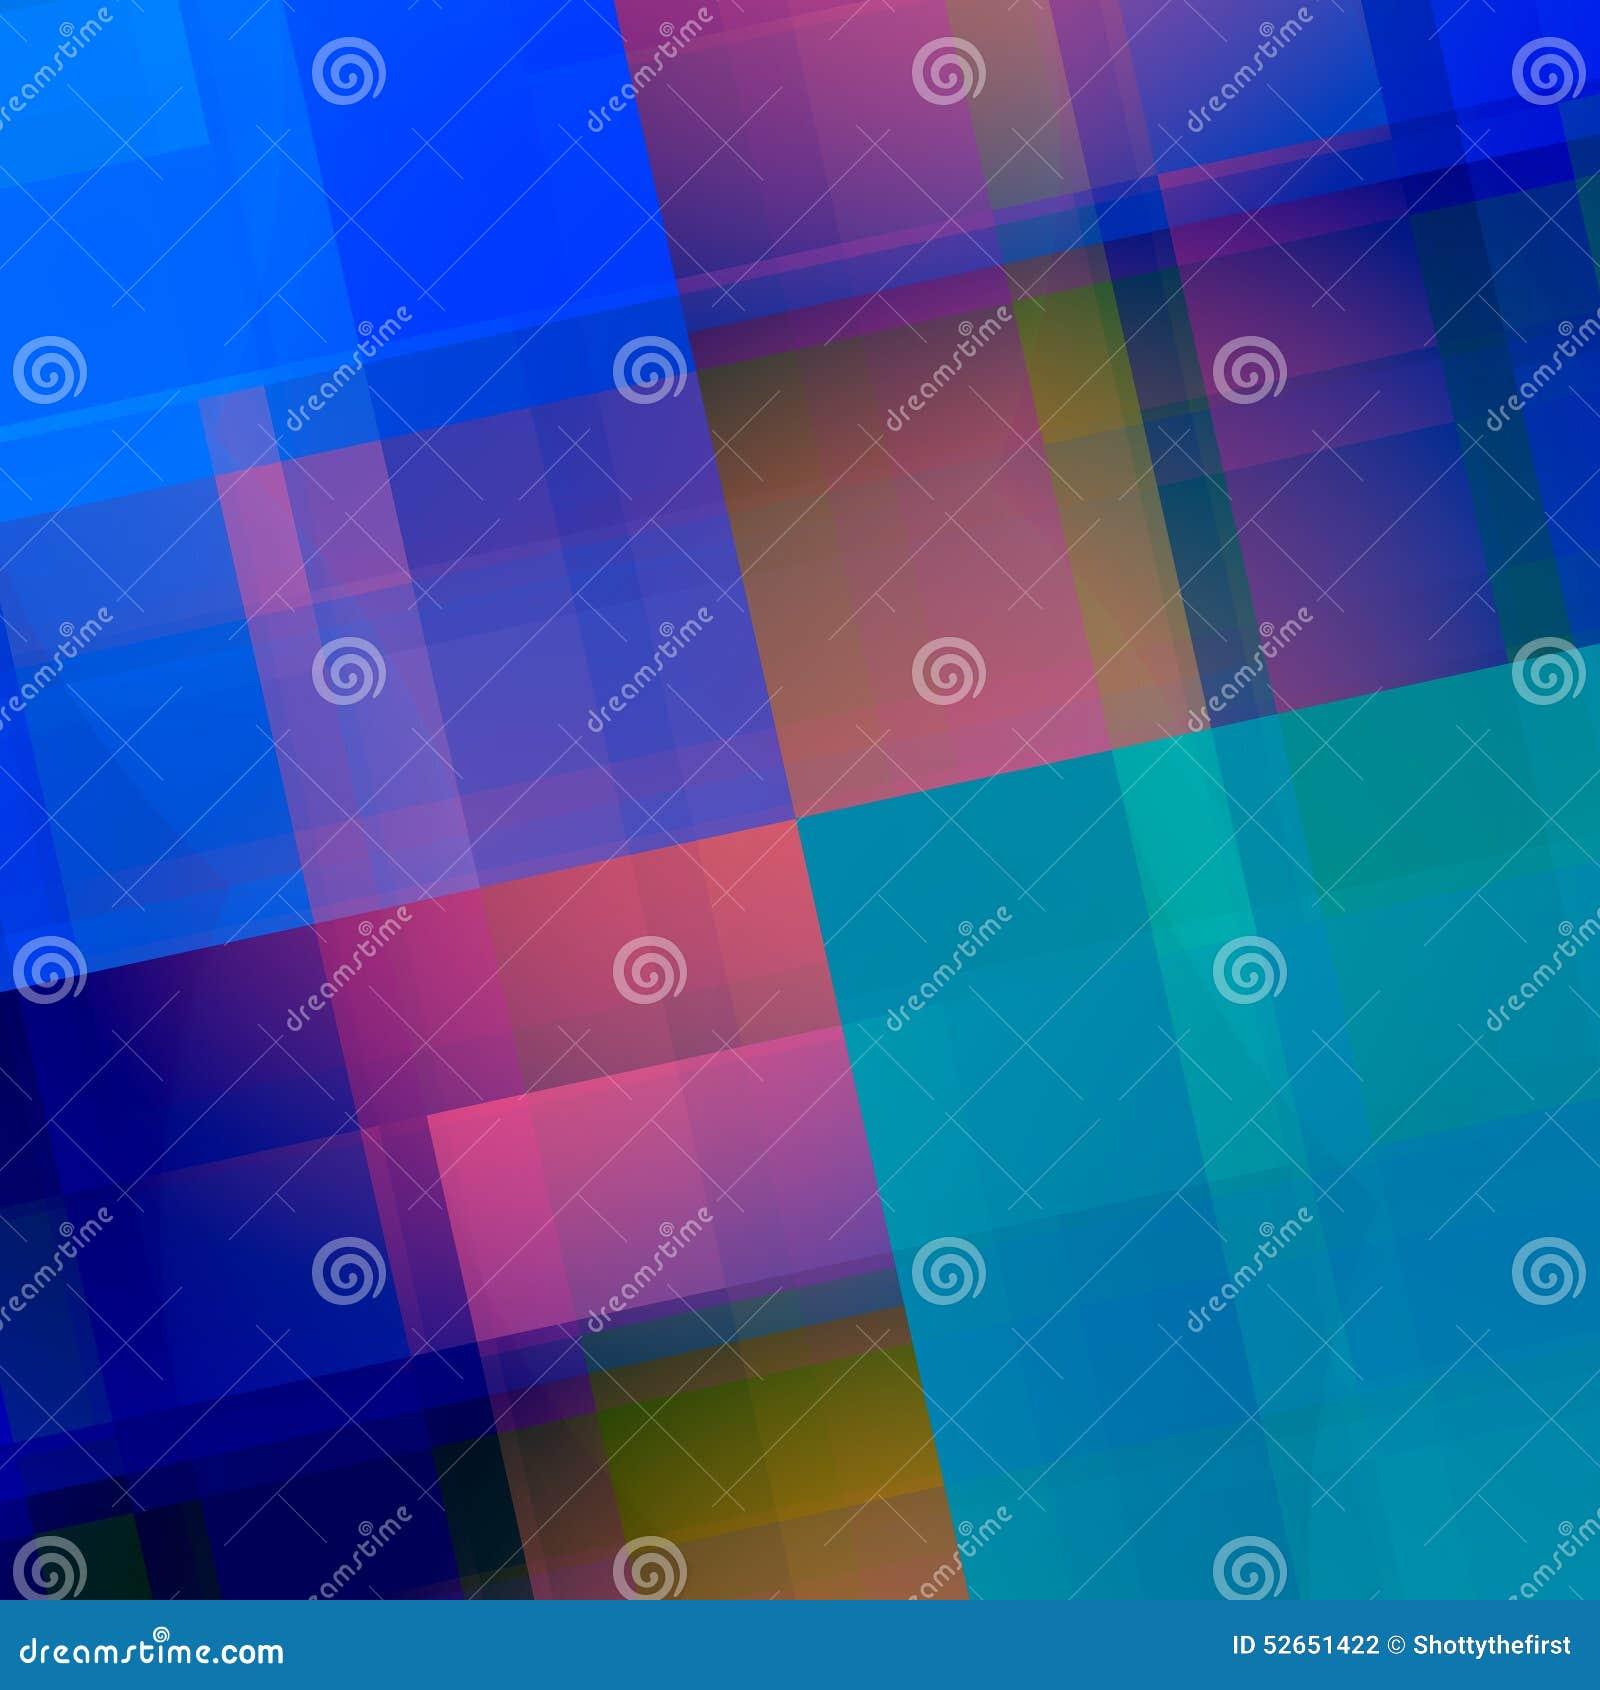 Blauwe Roze Geometrische Achtergrond Abstract achtergrondontwerp Elegant Art Illustration met Purpere Kleurenblokken Creatief Muu